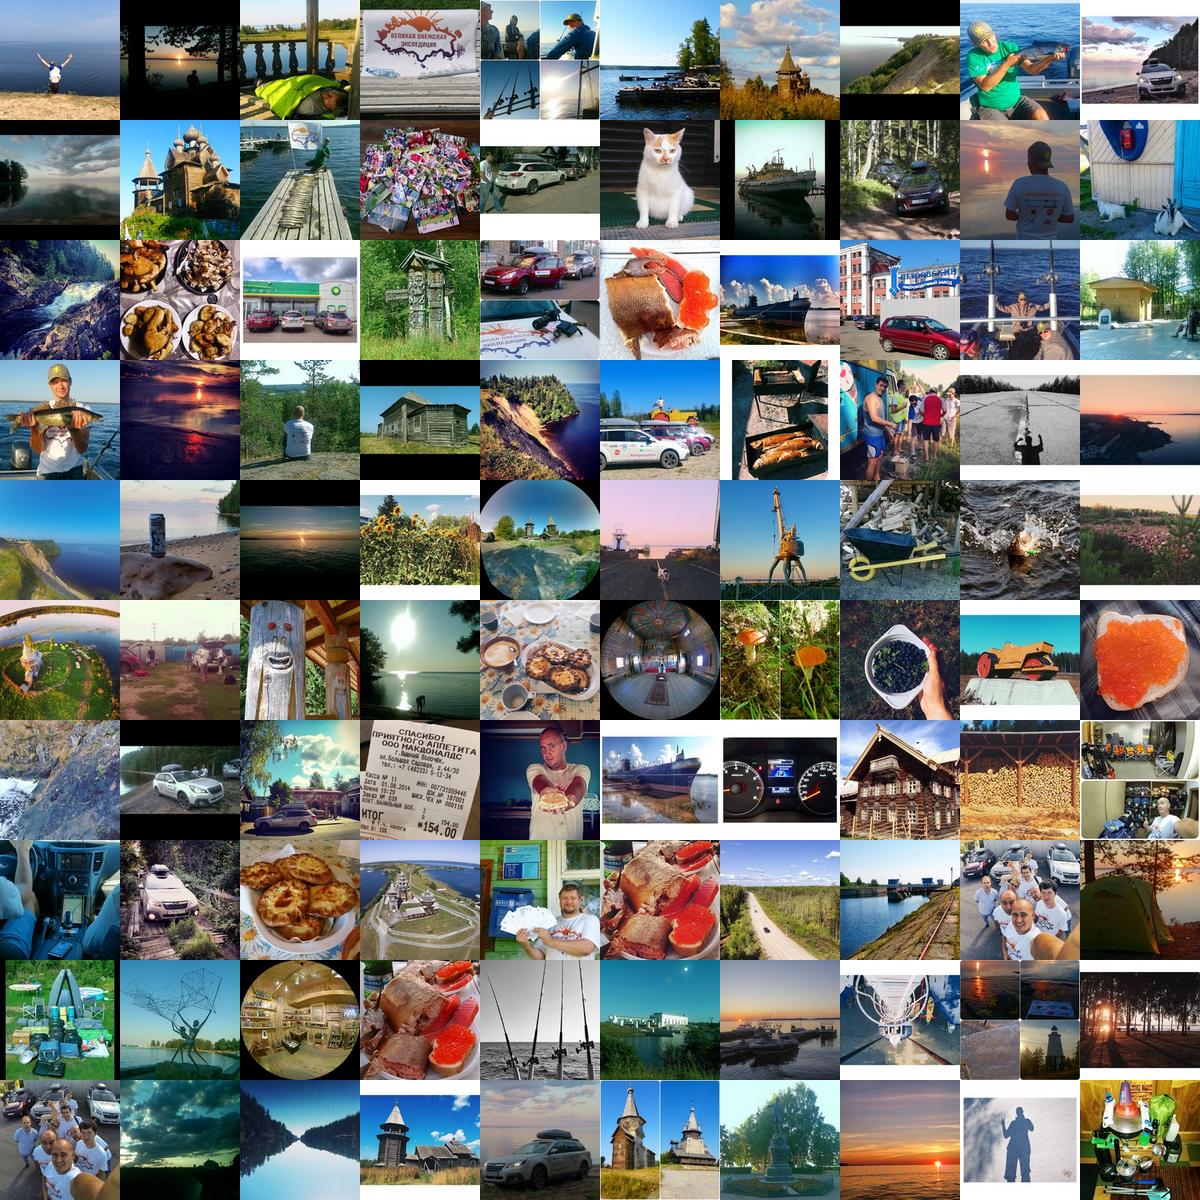 screenshot-test1_ru_2014-08-11_22-02-08